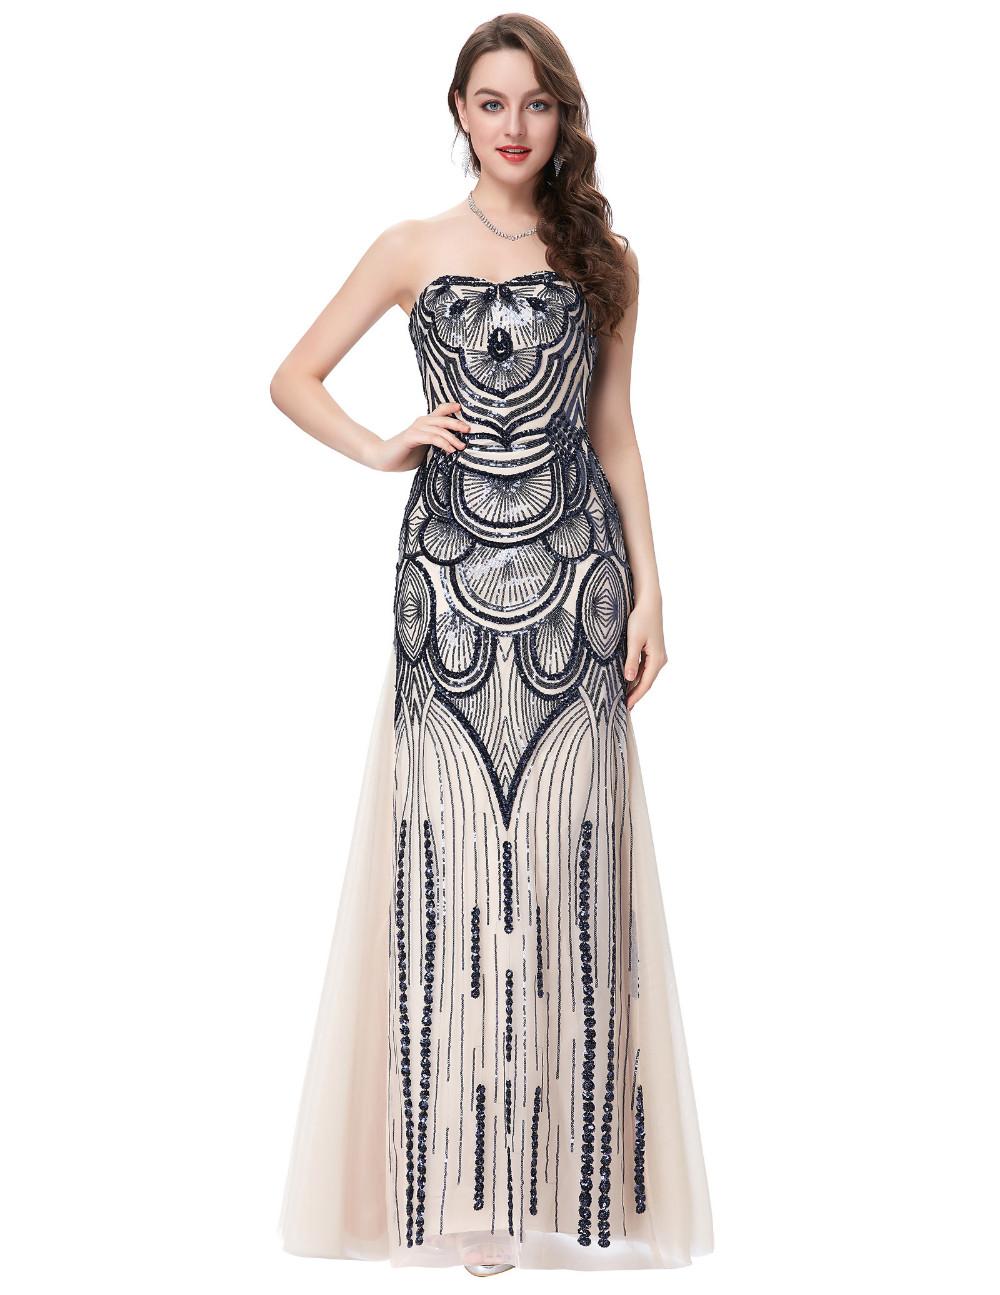 HTB1H_jYKFXXXXatXVXXq6xXFXXXqStrapless Special Occasion Dress